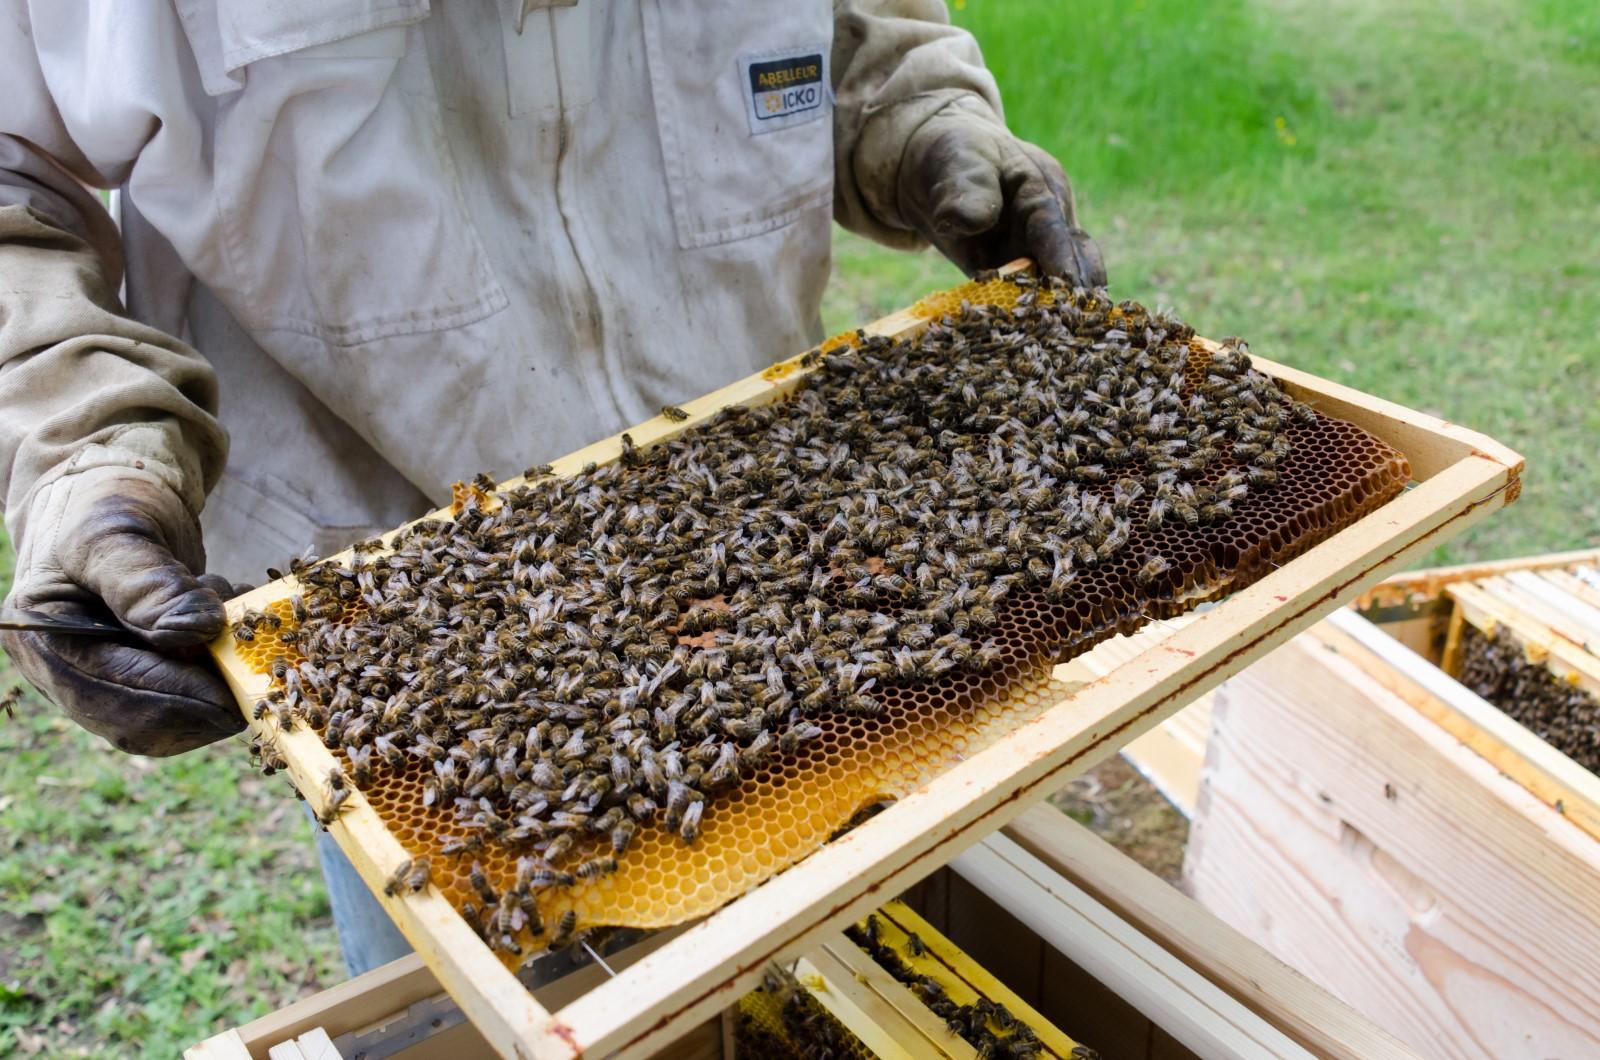 ruche abeilles apiculteur cire rayon de miel